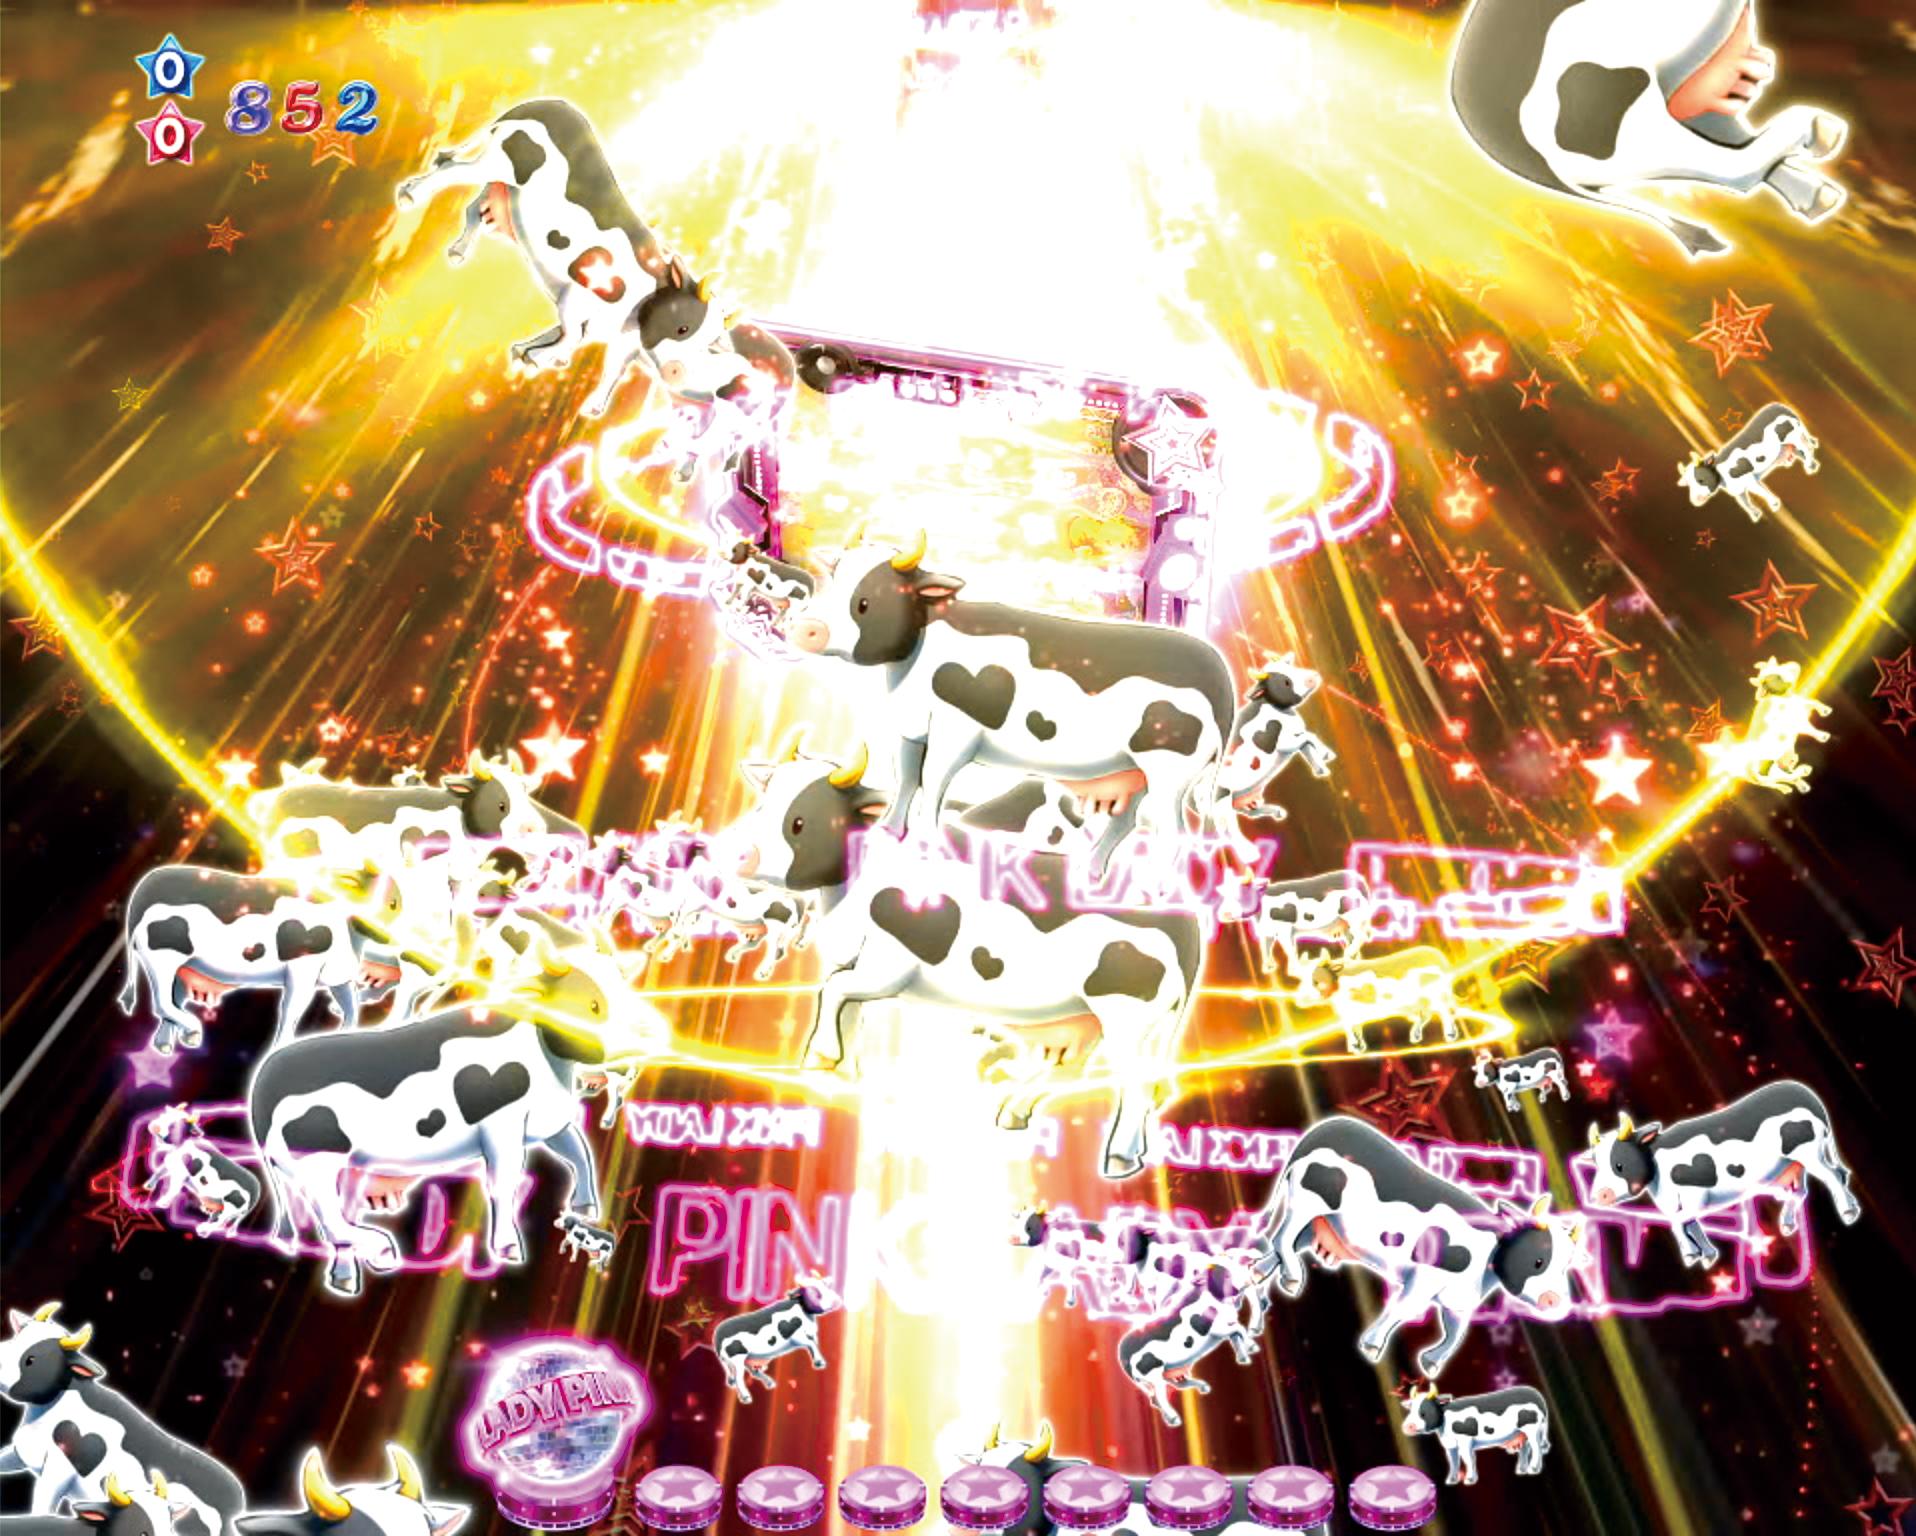 ぱちんこピンク・レディー 甘デジのピンクタイフーン画像